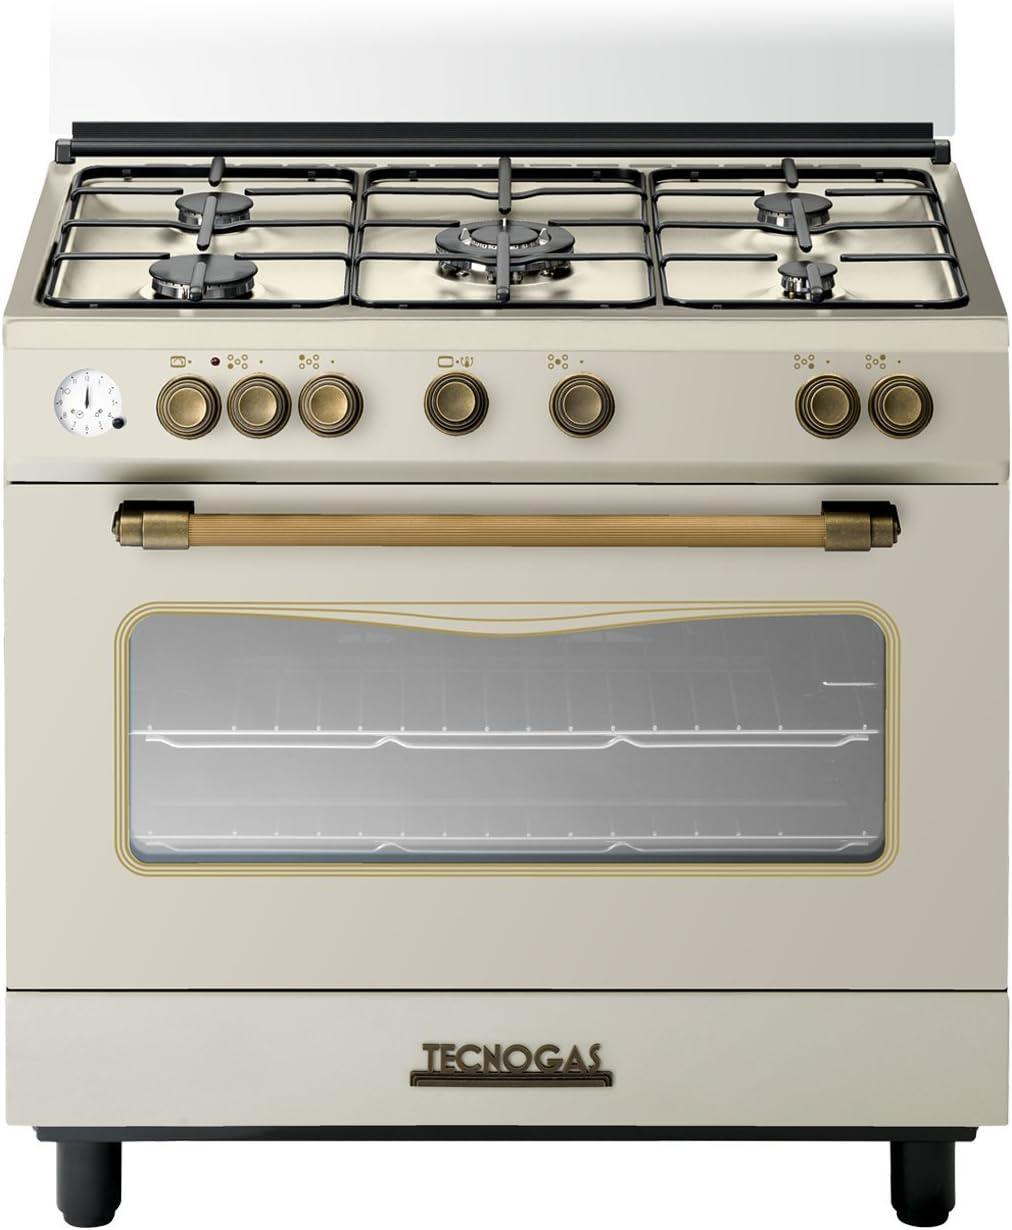 Tecnogas Traditionnel Cocina de gas retro, color crema, 90 x 60 cm: Amazon.es: Hogar